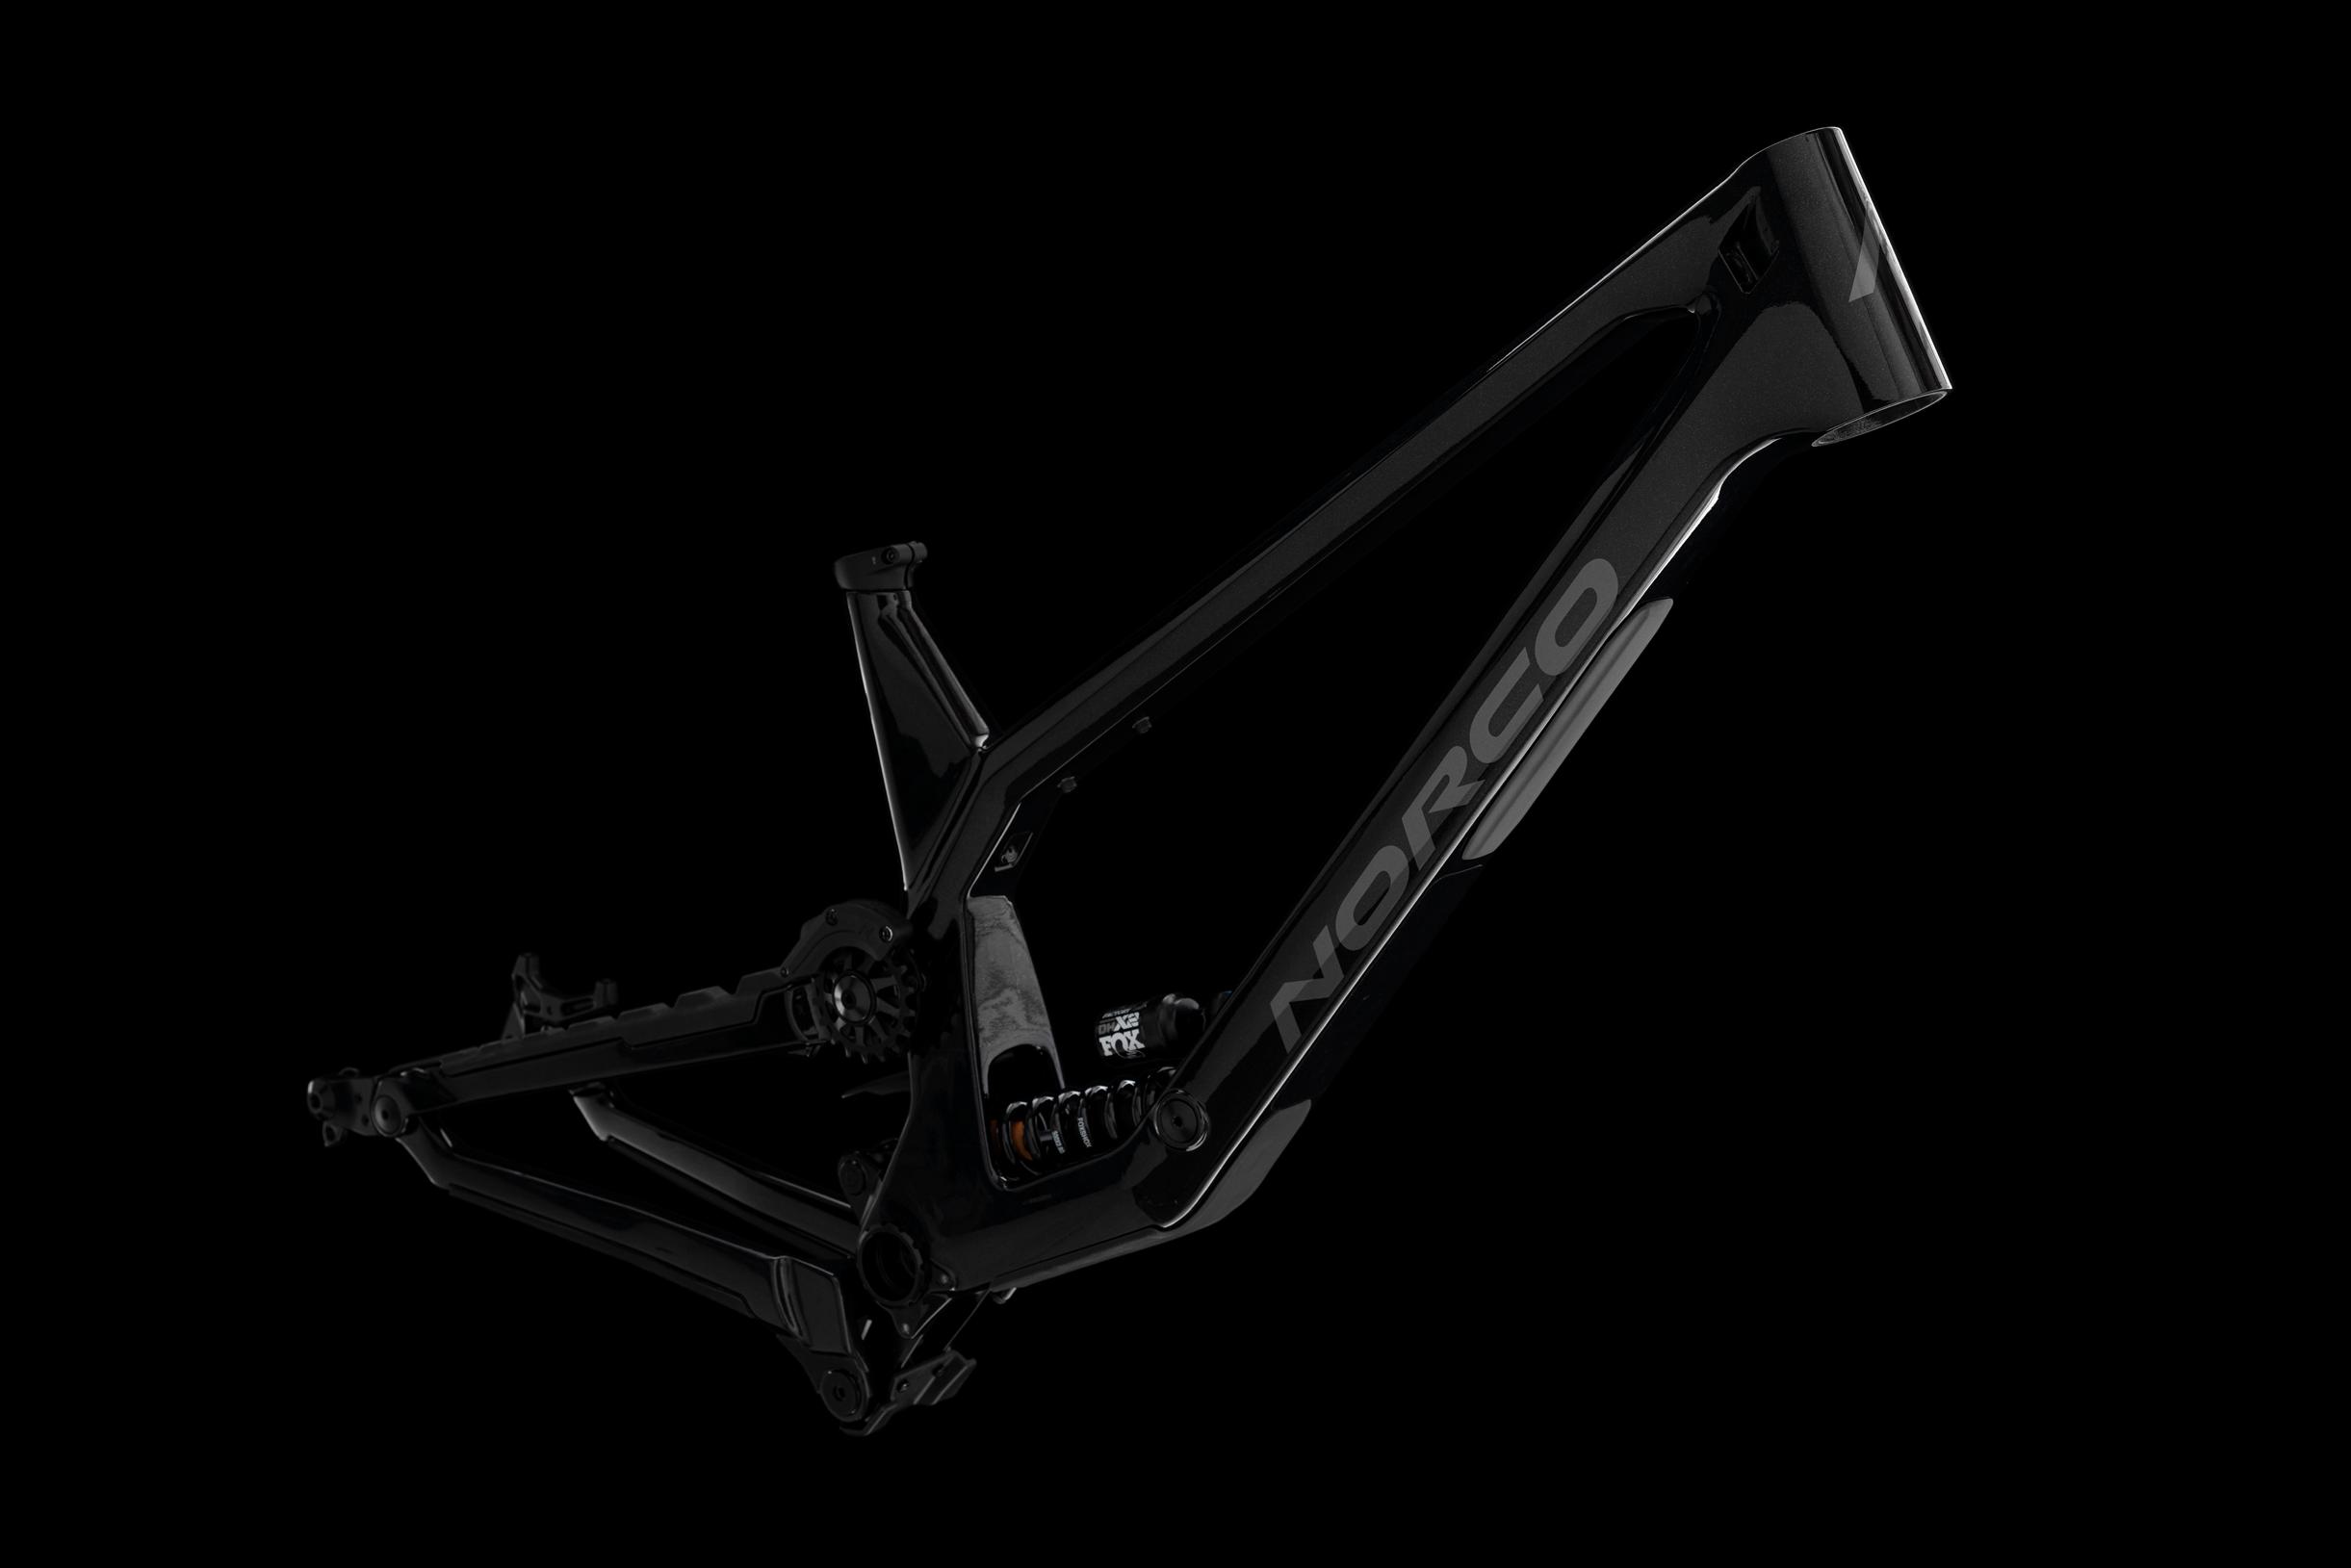 range c1 frame kit product studio 2 Cycleholix